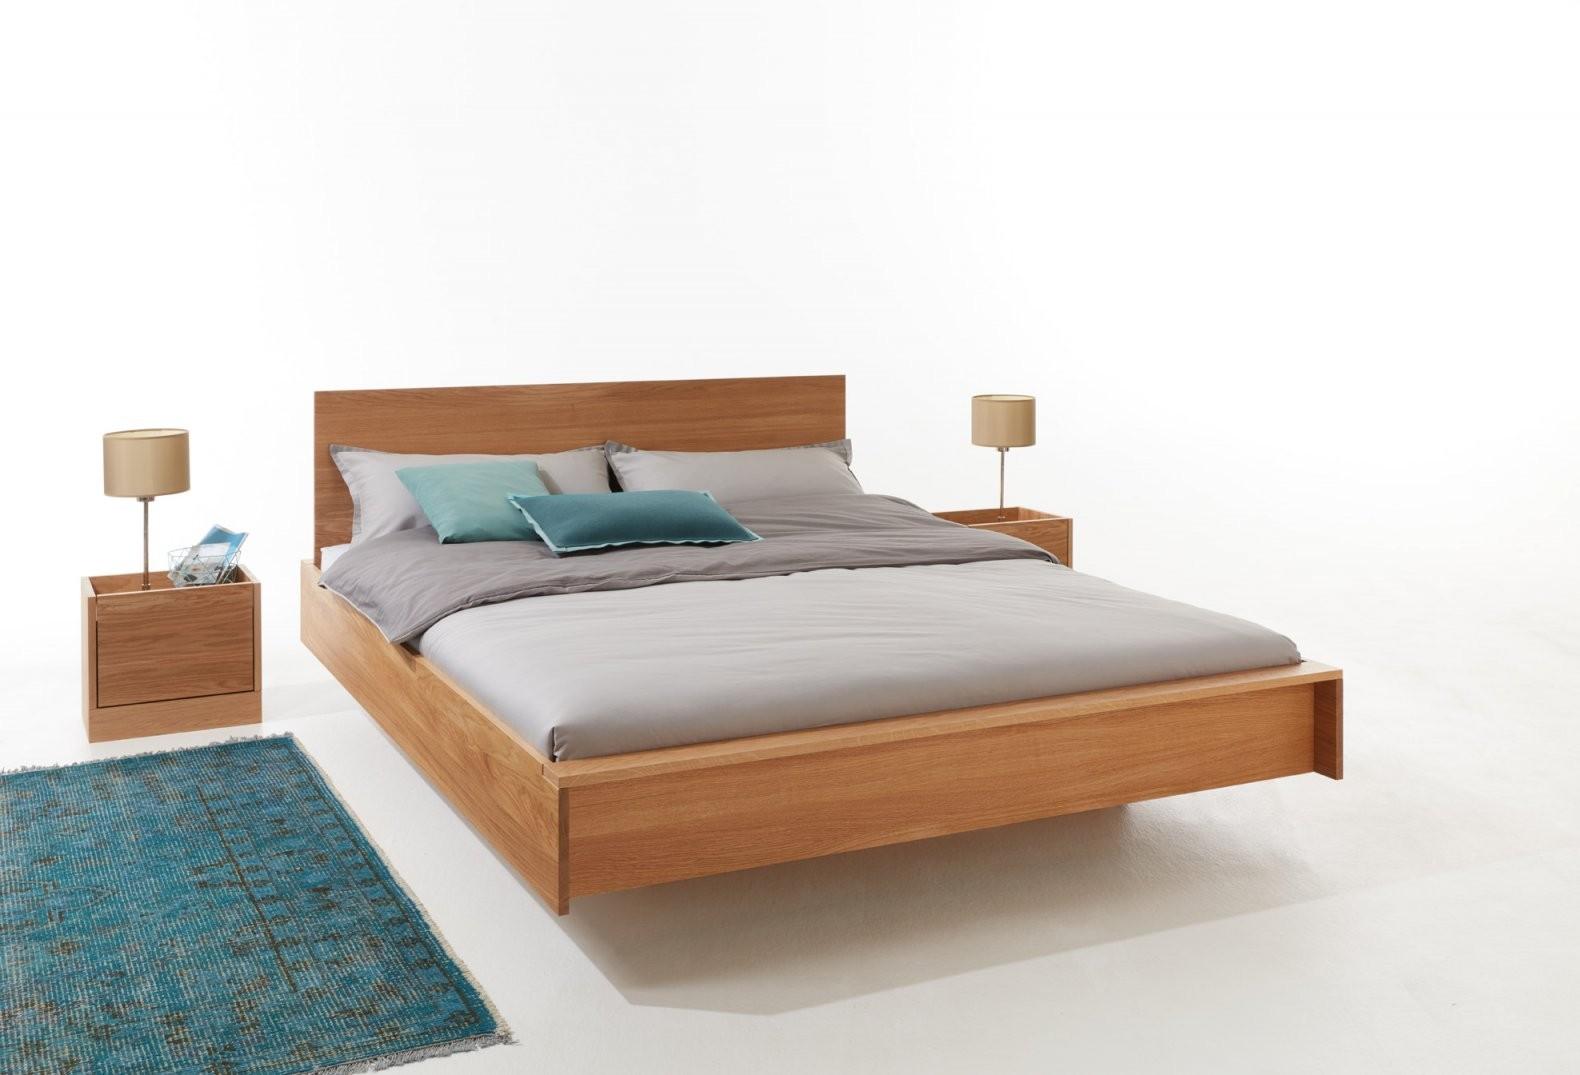 Flai Bett Eiche von Bett 160 X 220 Bild